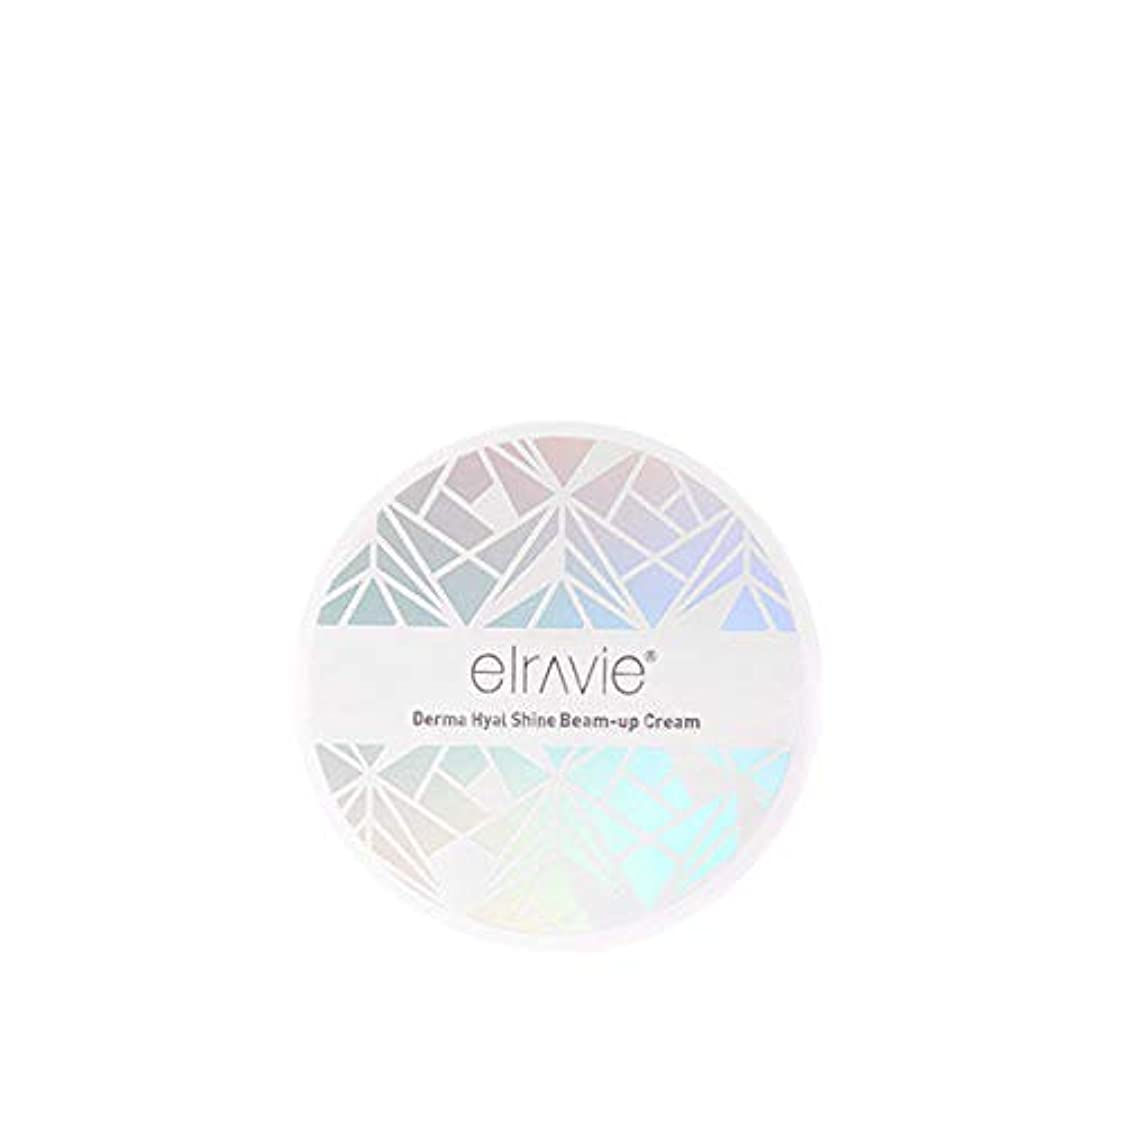 有名人納屋シガレットエラヴィー[Elravie] ダーマヒアルロン酸 輝くビームアップクリーム15g / Derma Hyal Shine Beam-up Cream